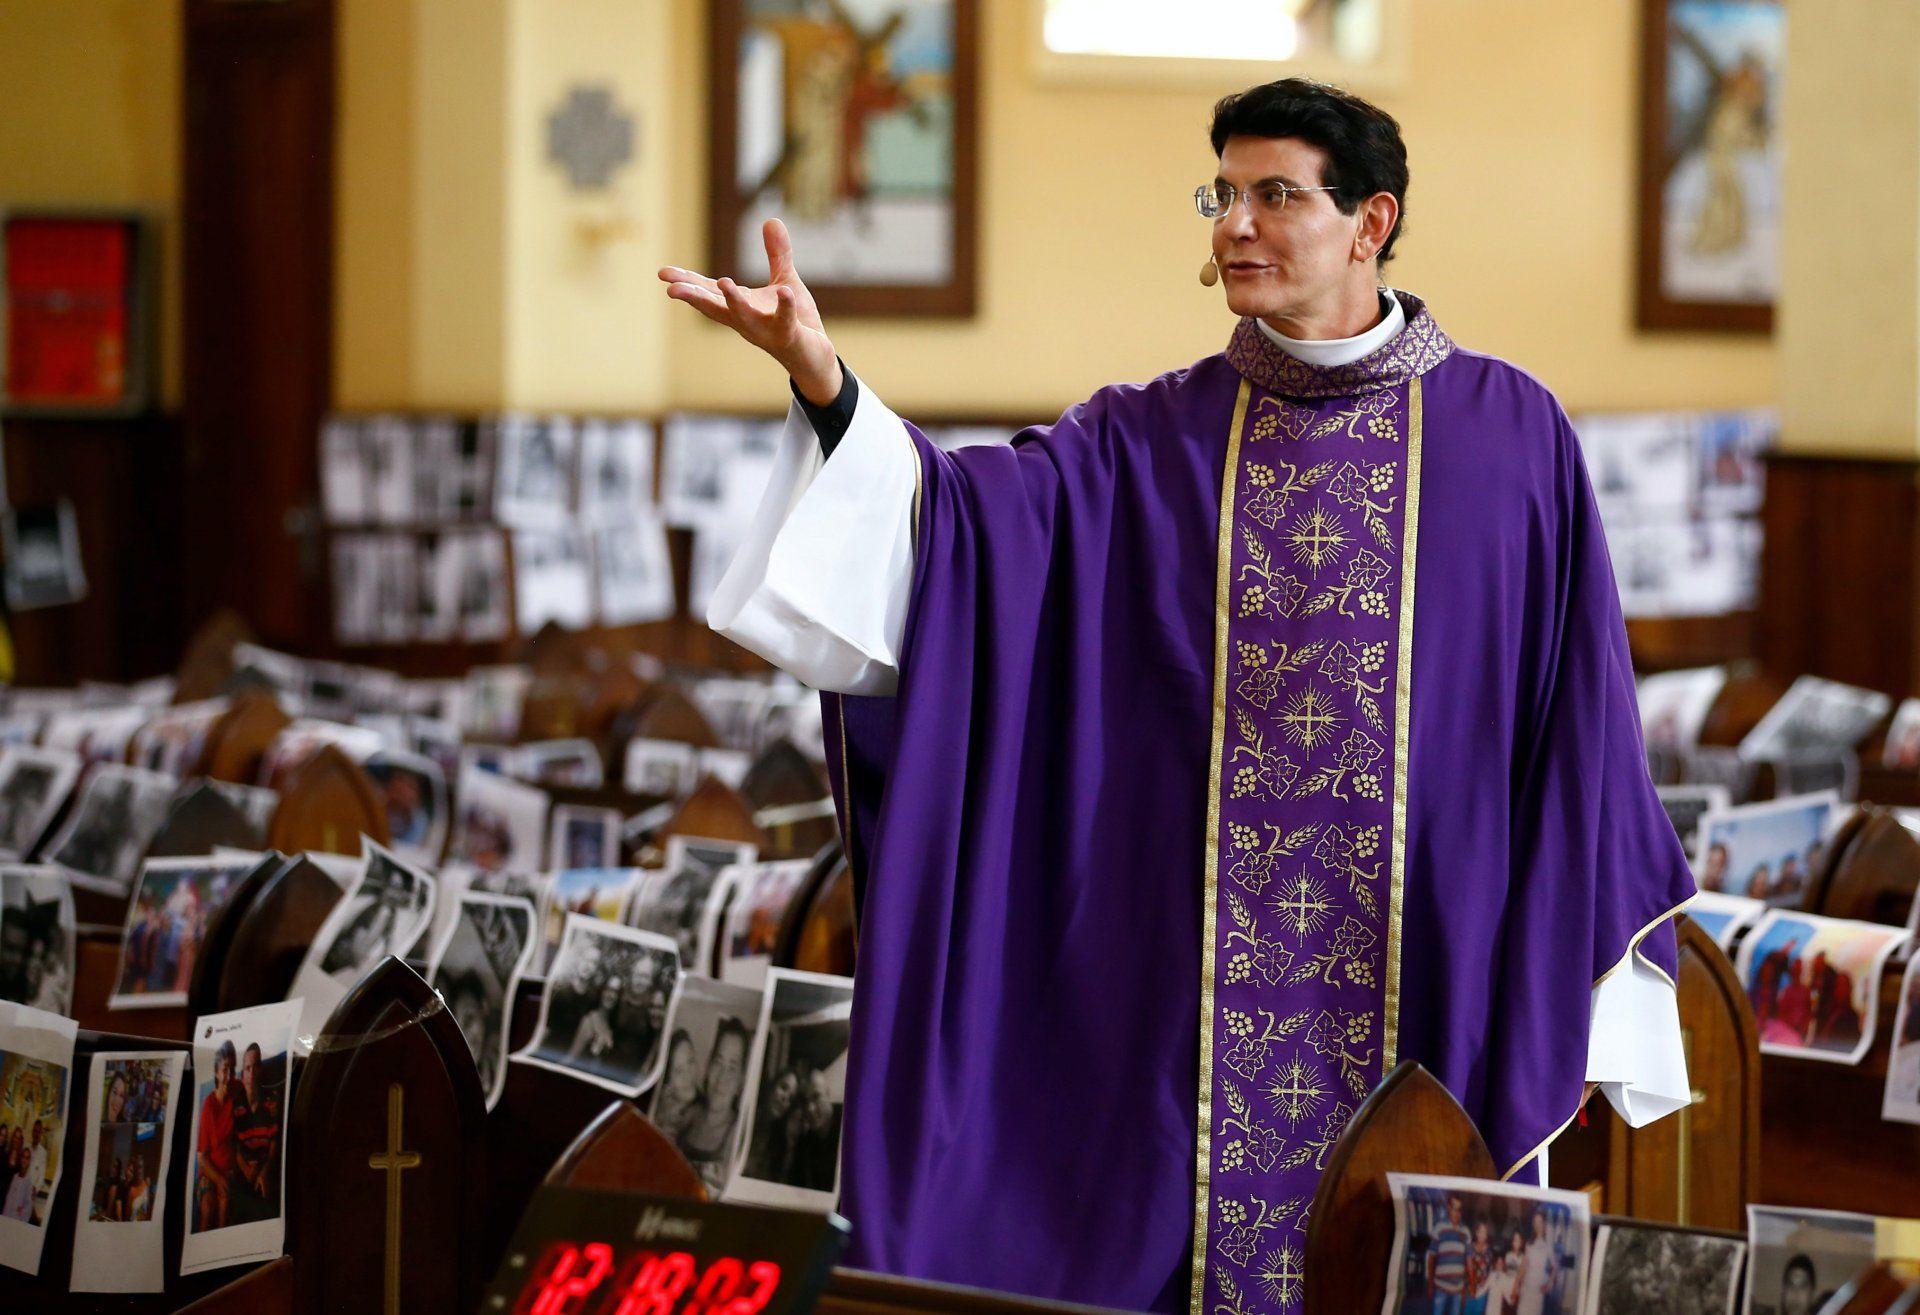 Reinaldo Manzotti brazil pap misét tart a hívek fotóival borított templomi padsorok között a brazíliai Paraná állam fővárosában, Curitibában 2020. március 21-én (Fotó:MTI/EPA-EFE/Hedeson Alves)